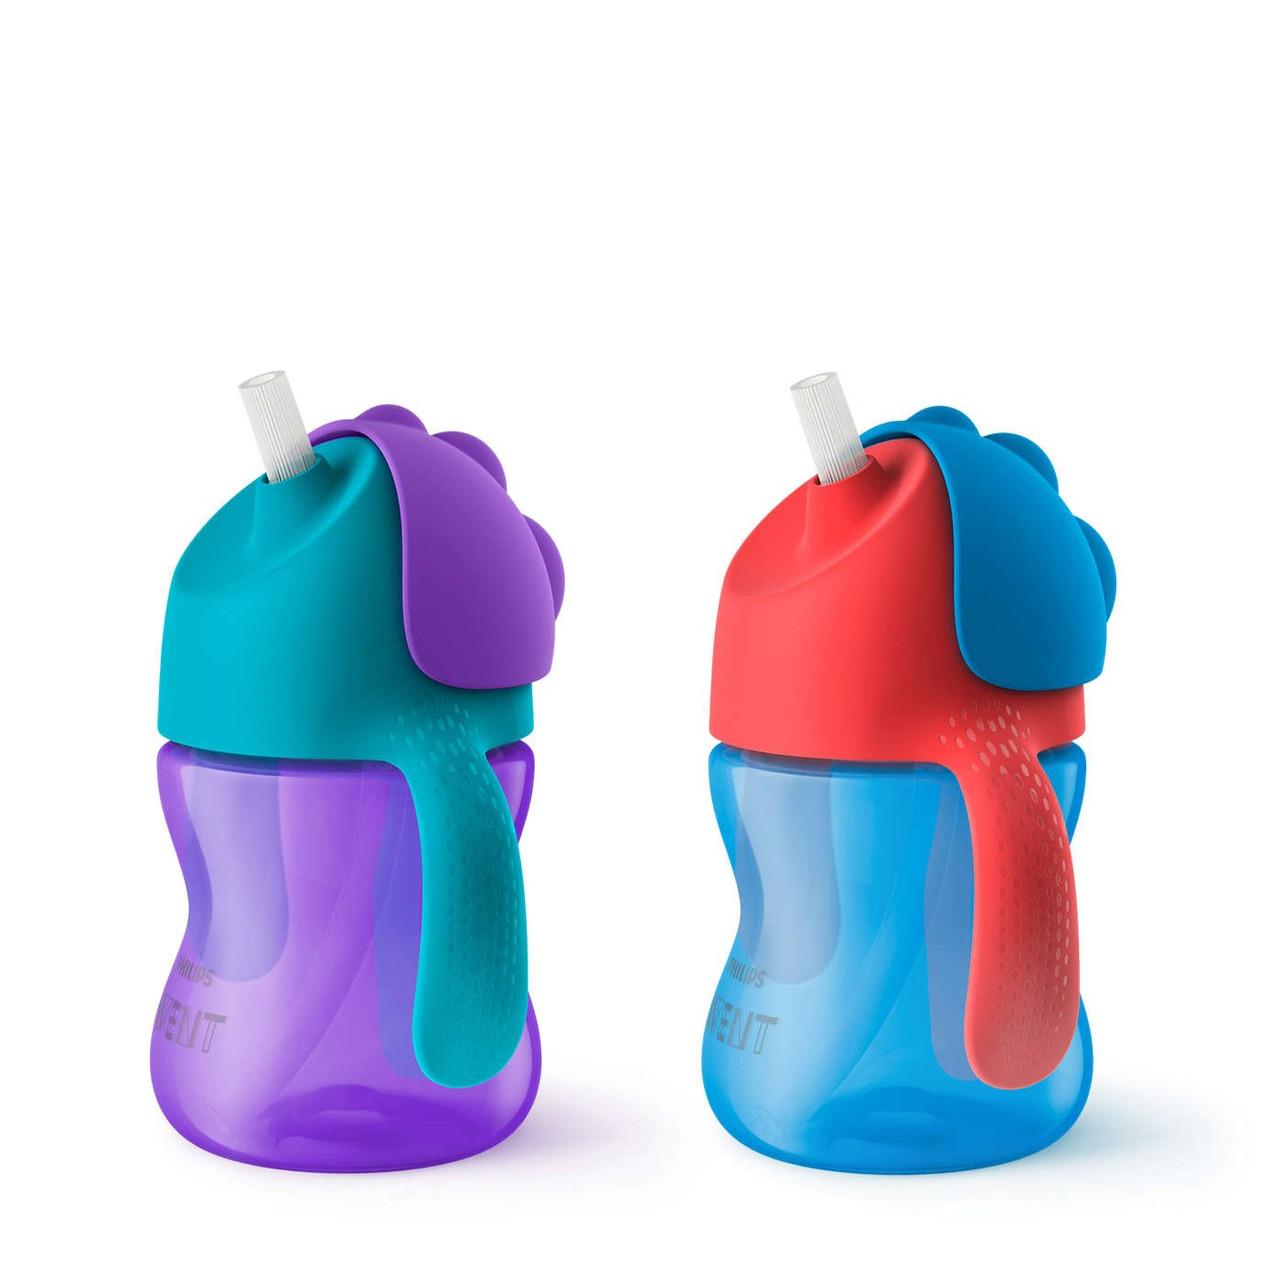 Чашка с трубочкой, 210 мл 1 шт. 9 мес. + дизайн для мальчиков